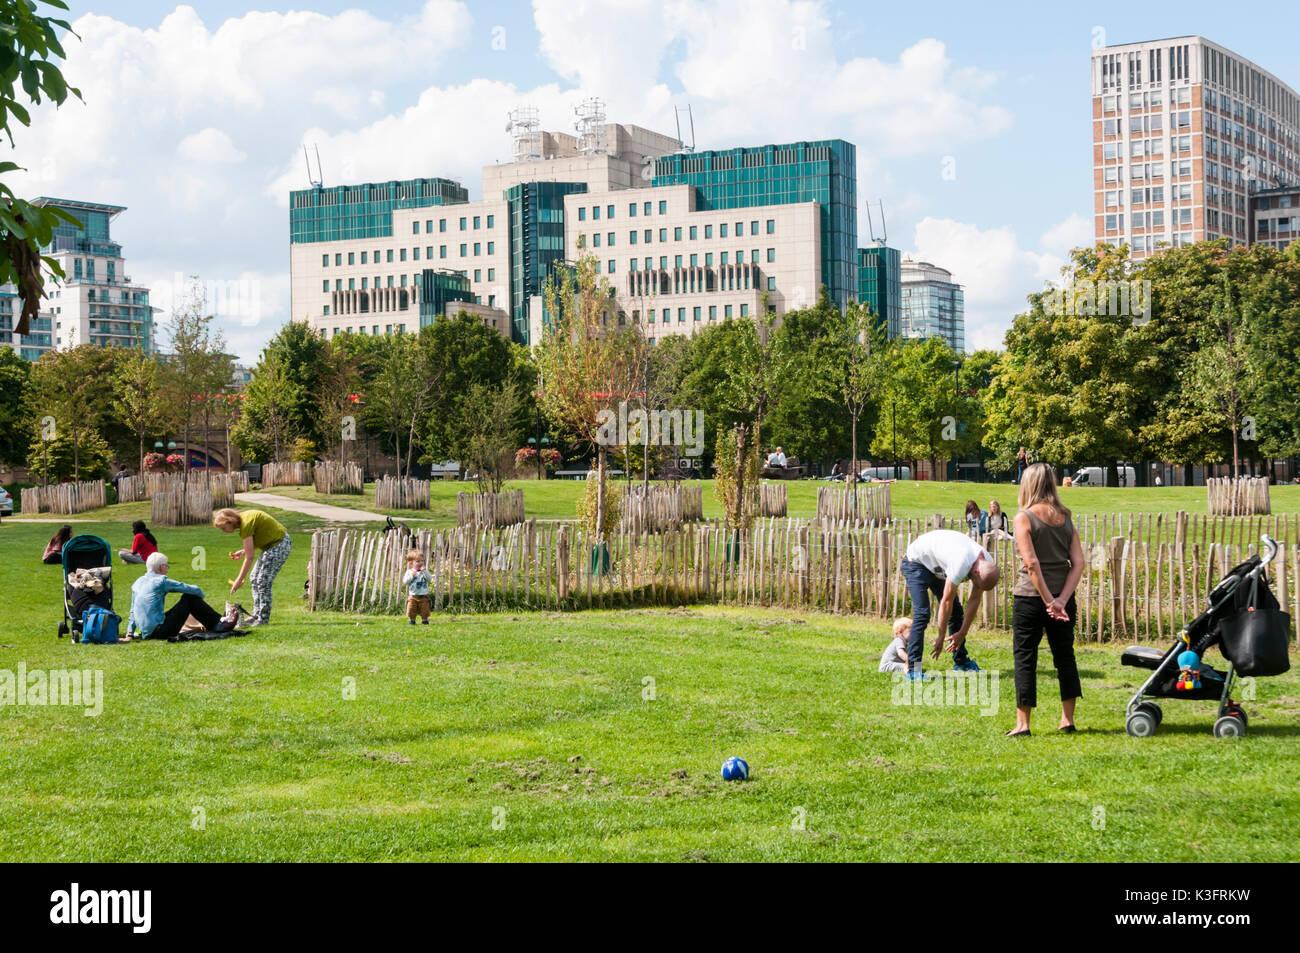 MI6 building seen over Vauxhall Pleasure Gardens open space. - Stock Image